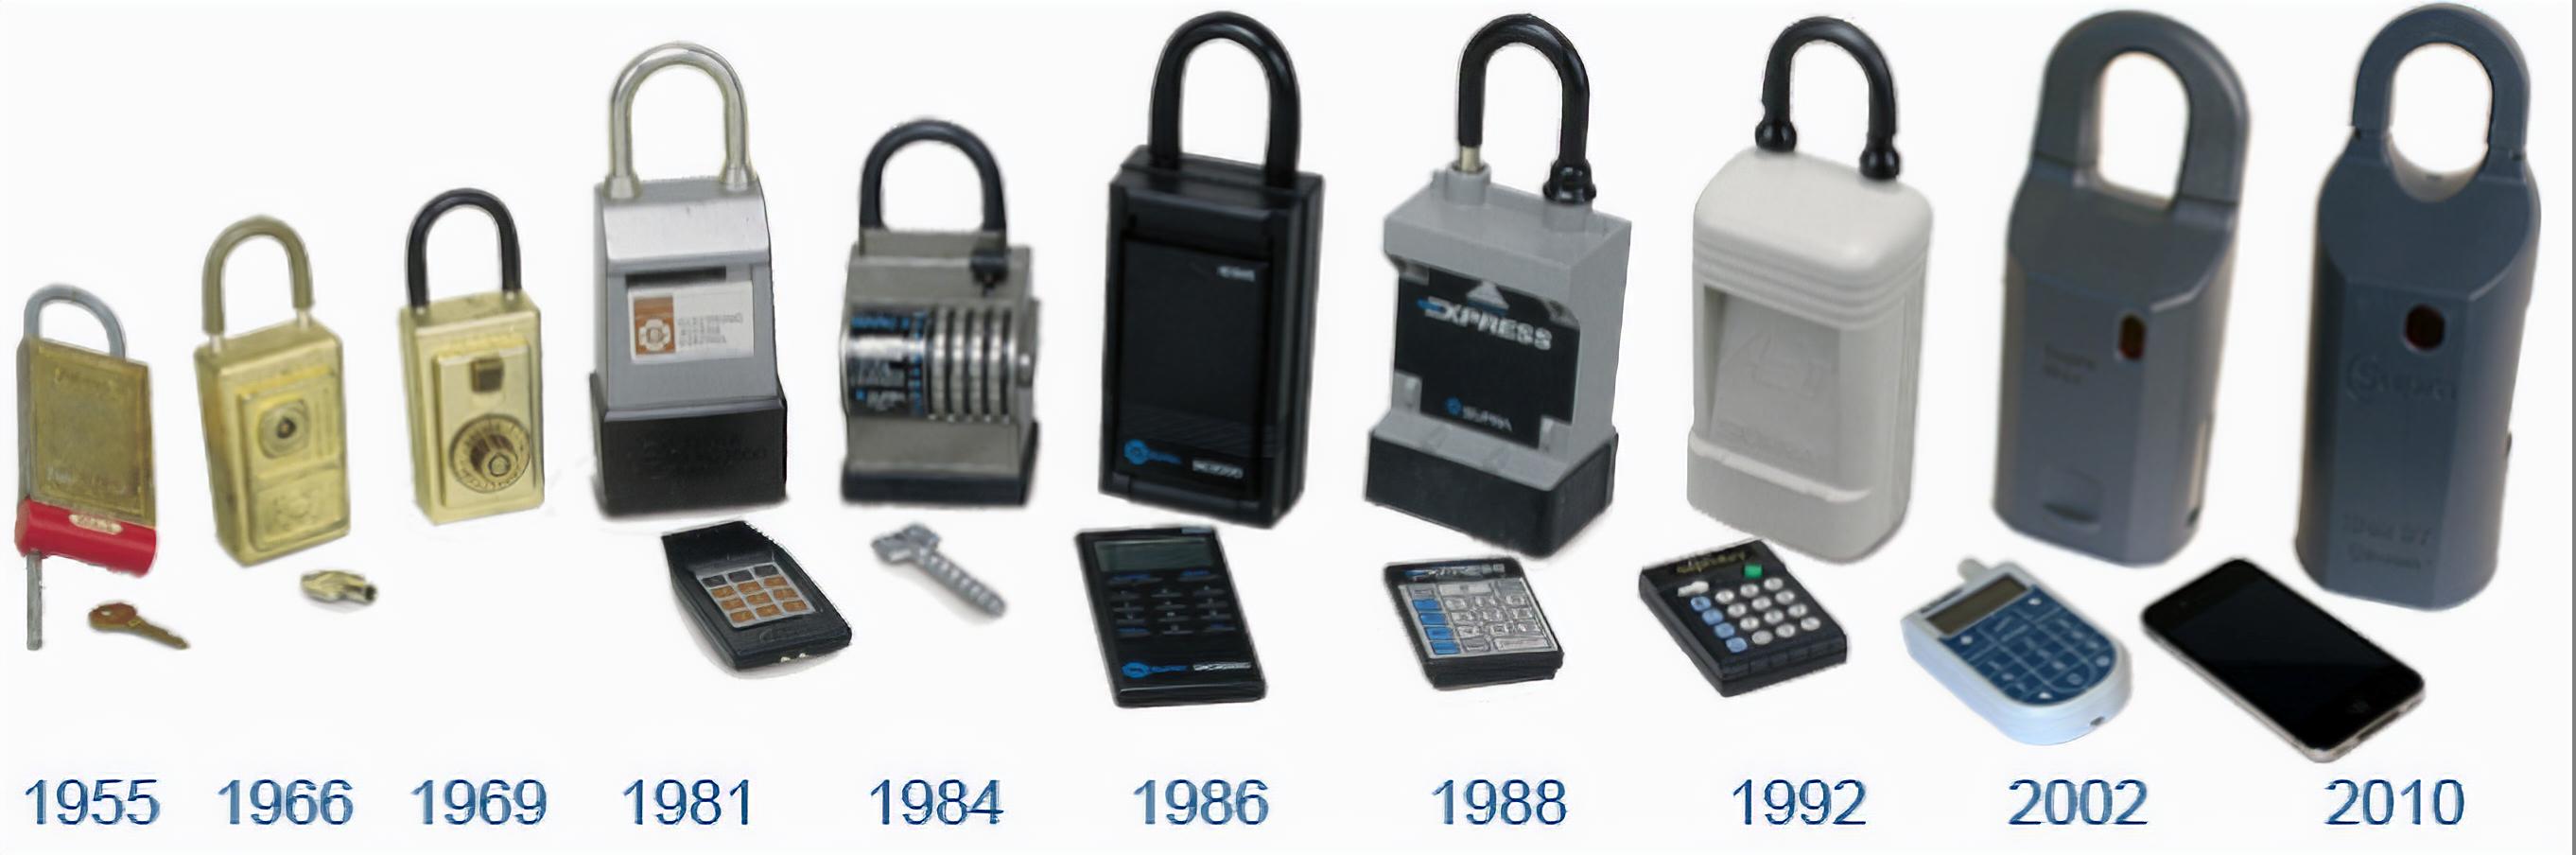 Keys & Lockboxes